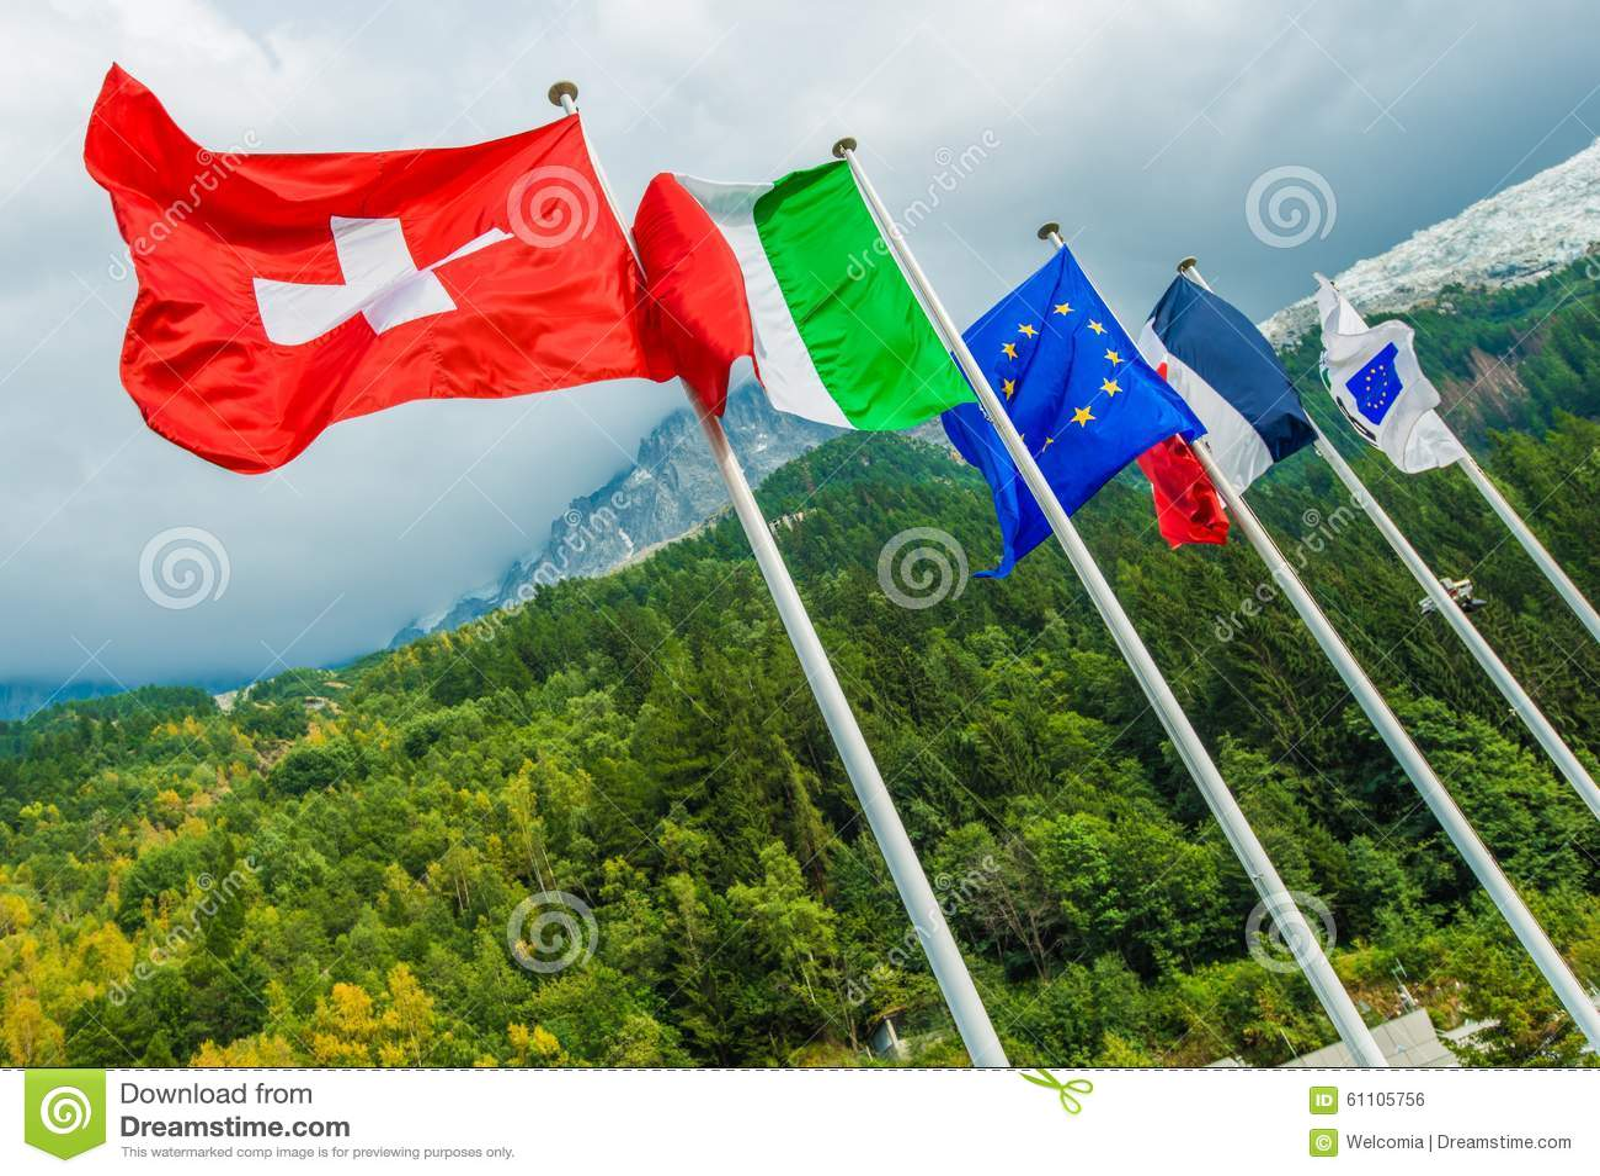 欧盟国旗 瑞士,意大利,欧盟旗子和法国 勃朗峰隧道 夏慕尼,法国,欧洲图片